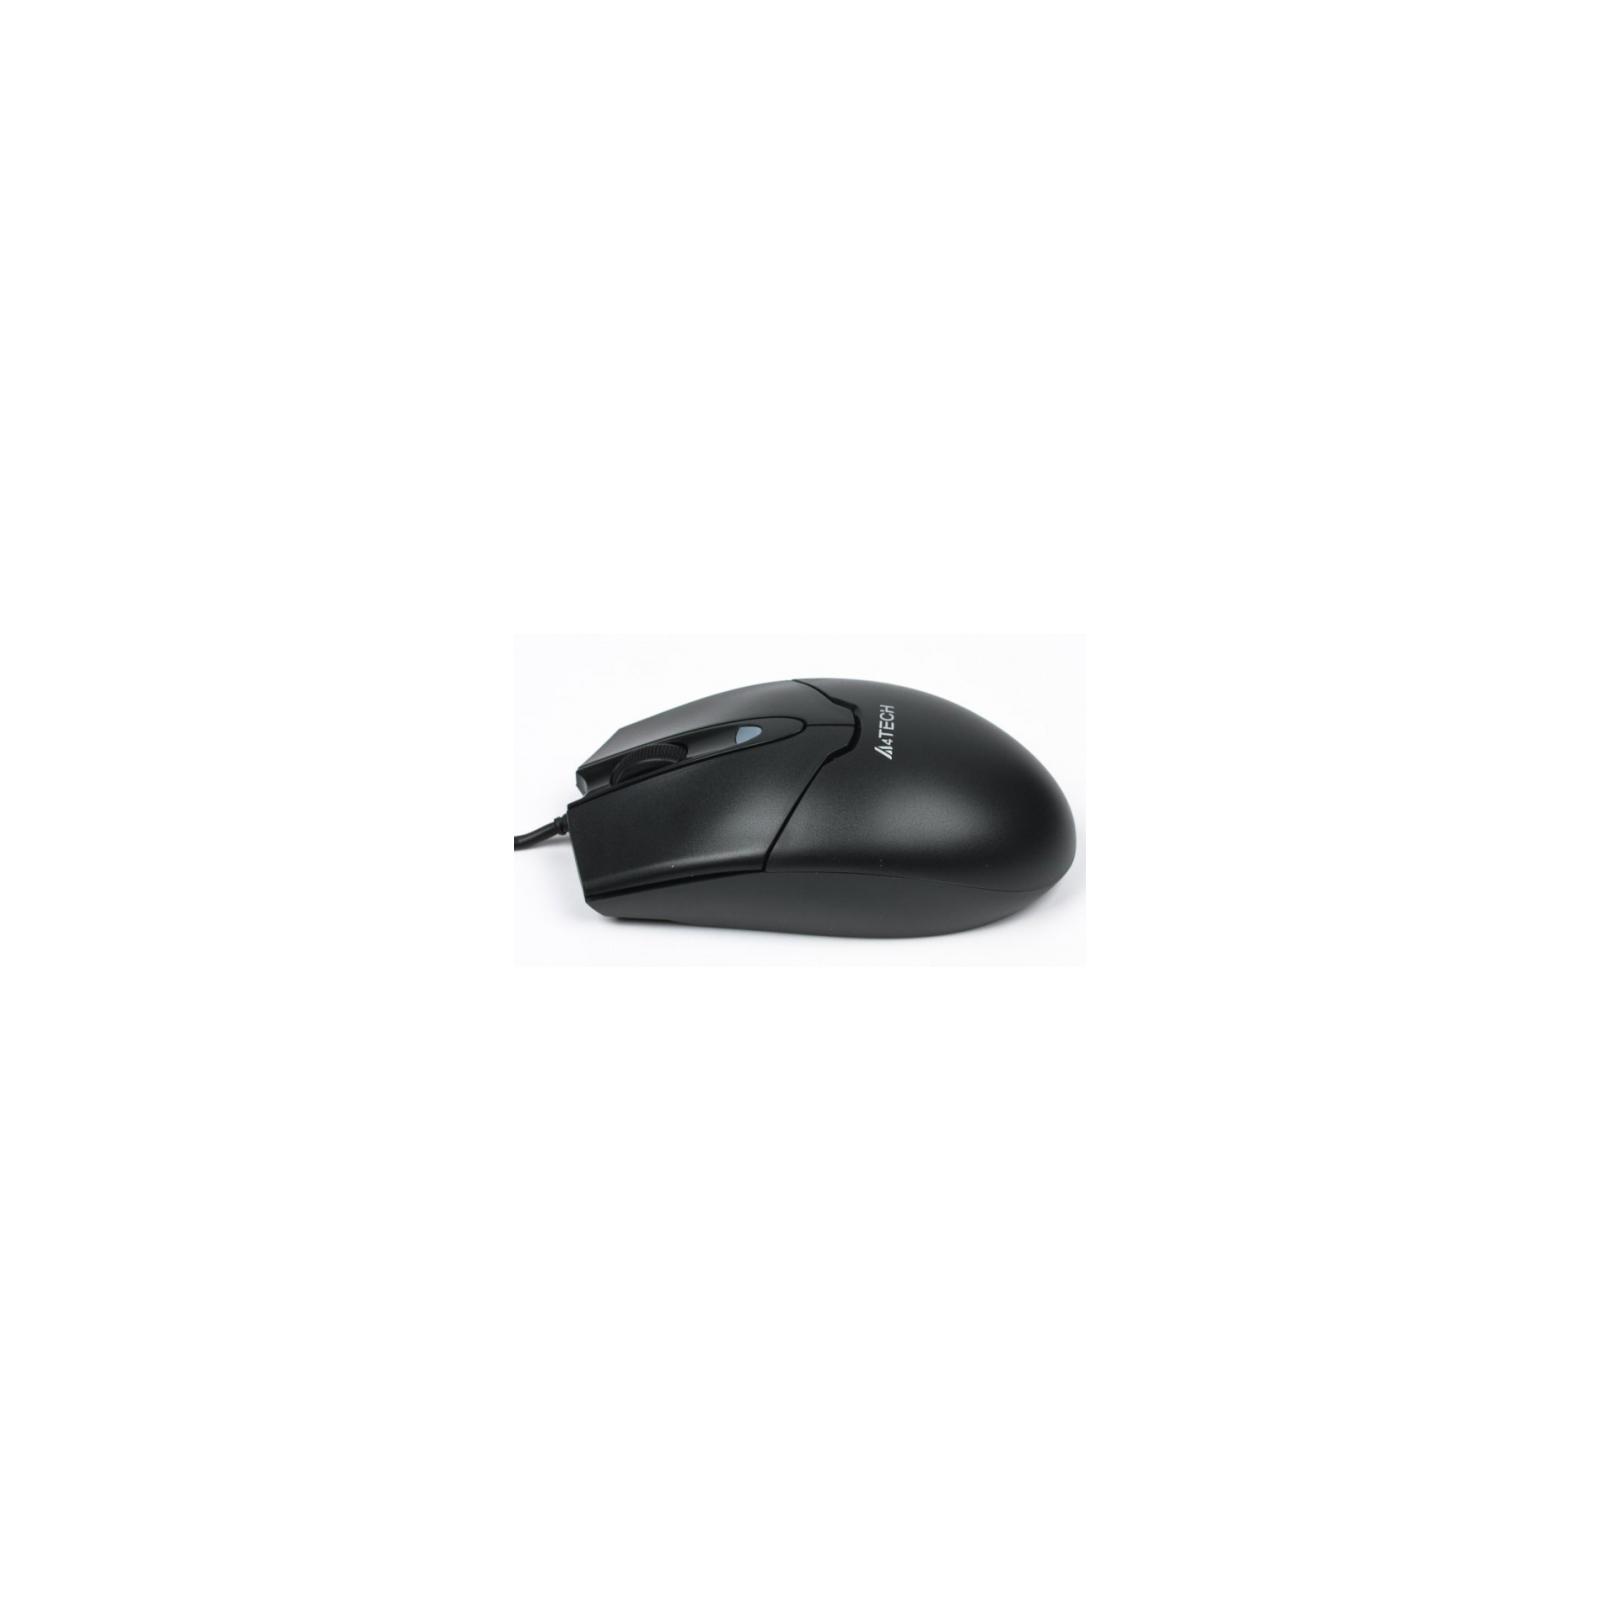 Мышка A4tech N-302 изображение 2